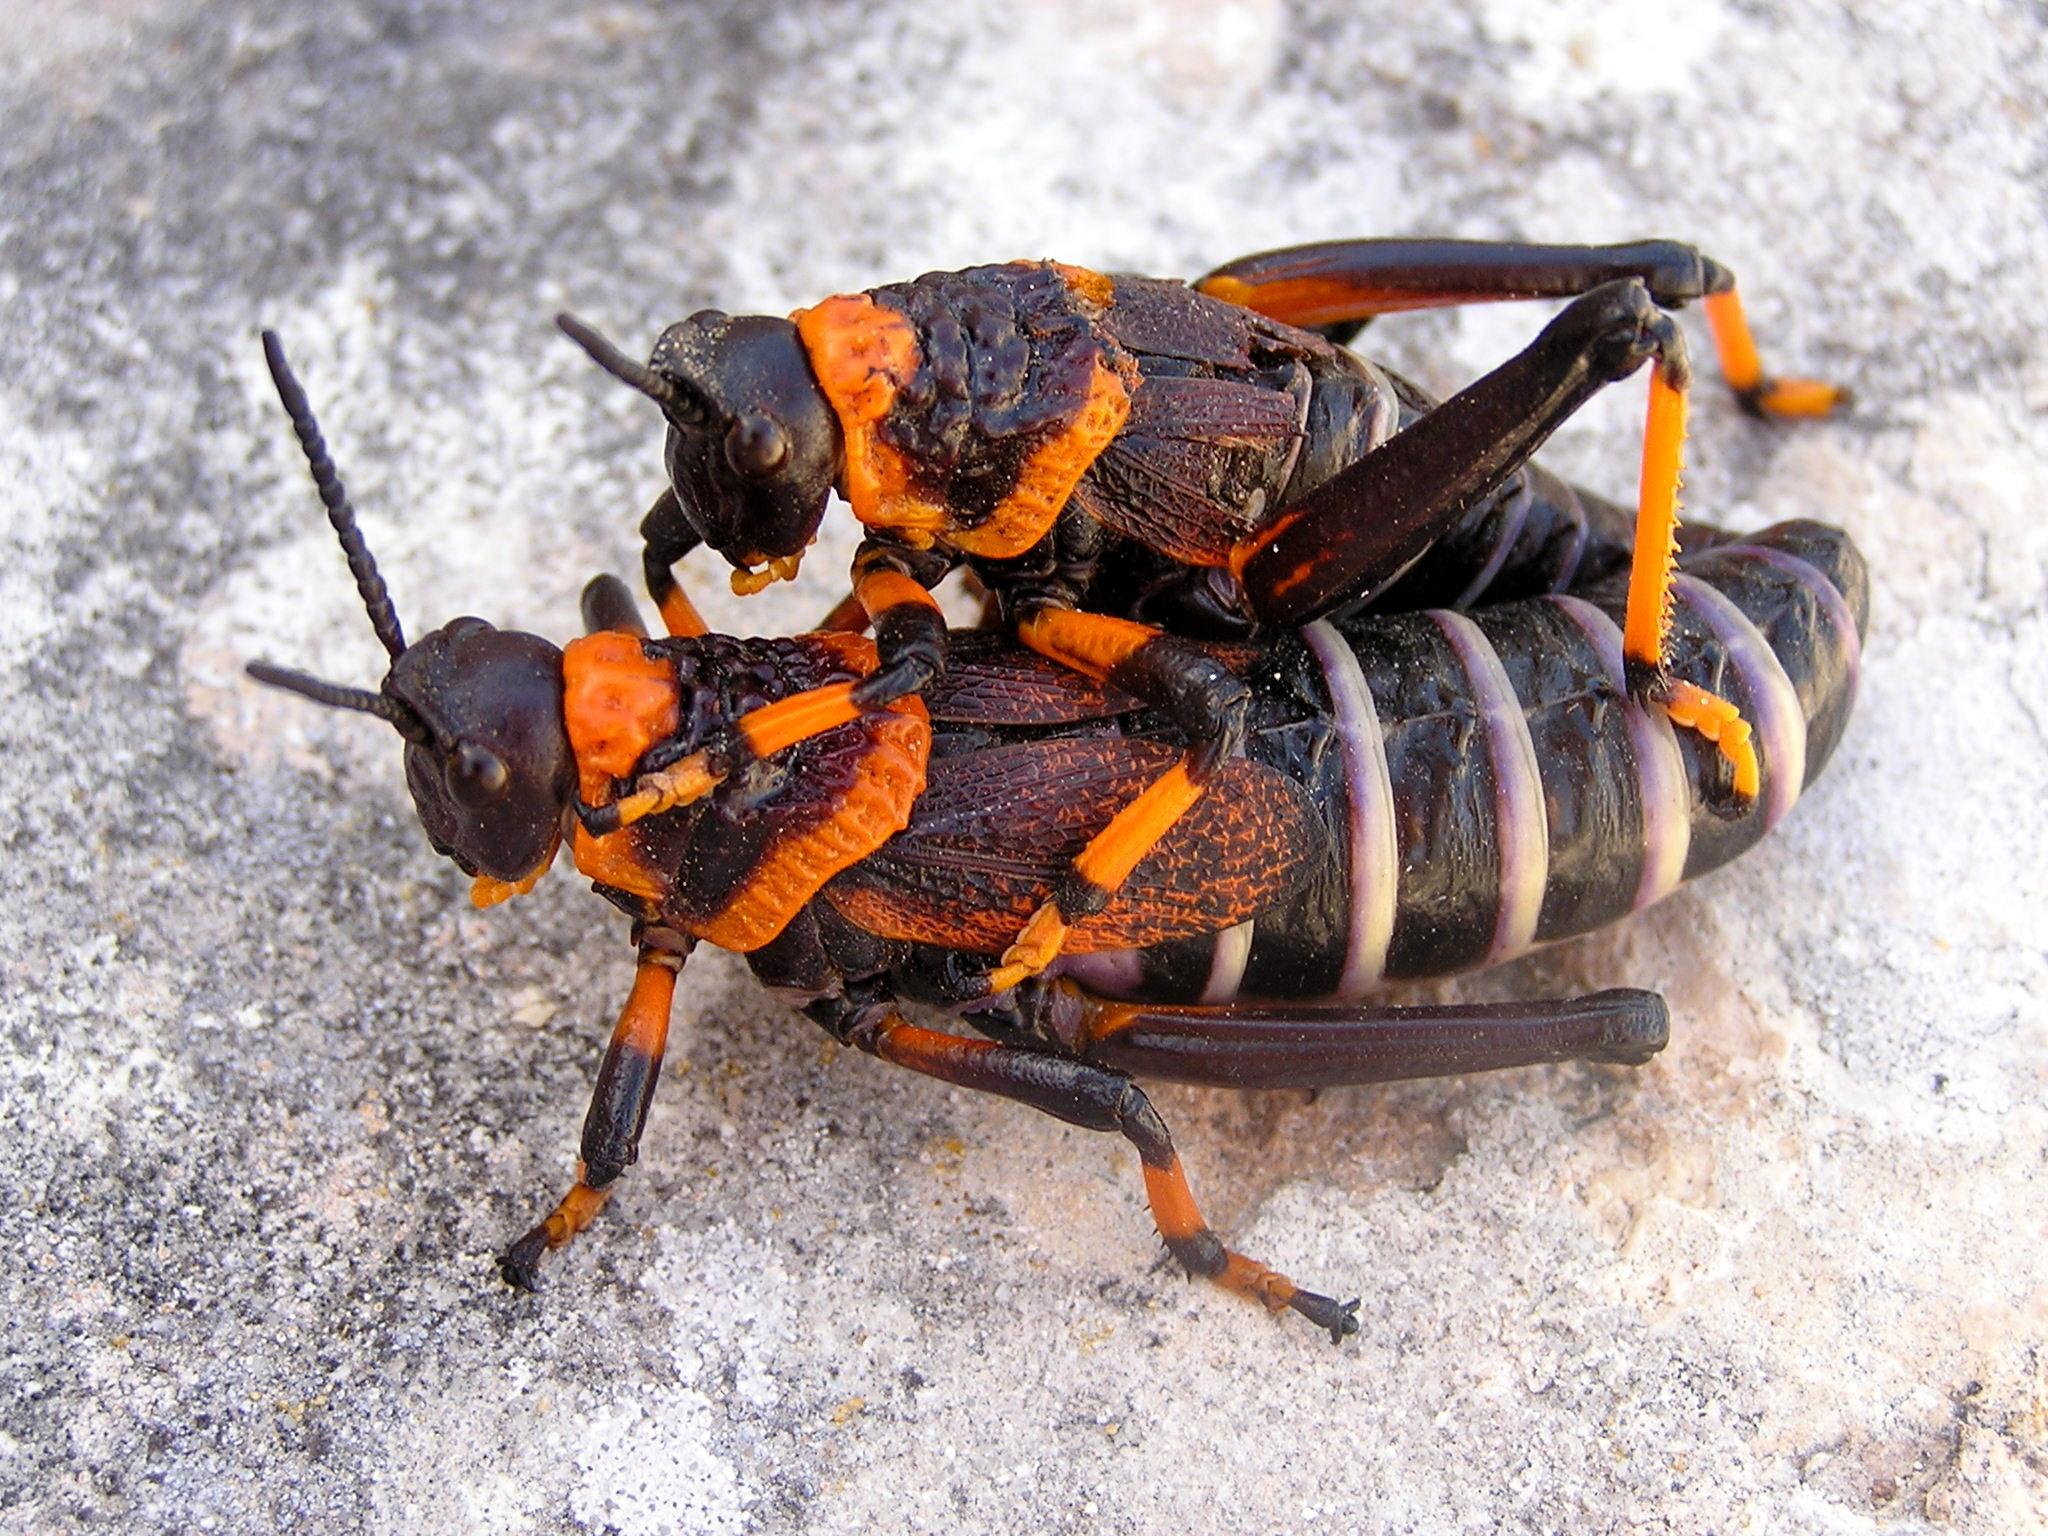 Image of Koppie Foam Grasshopper